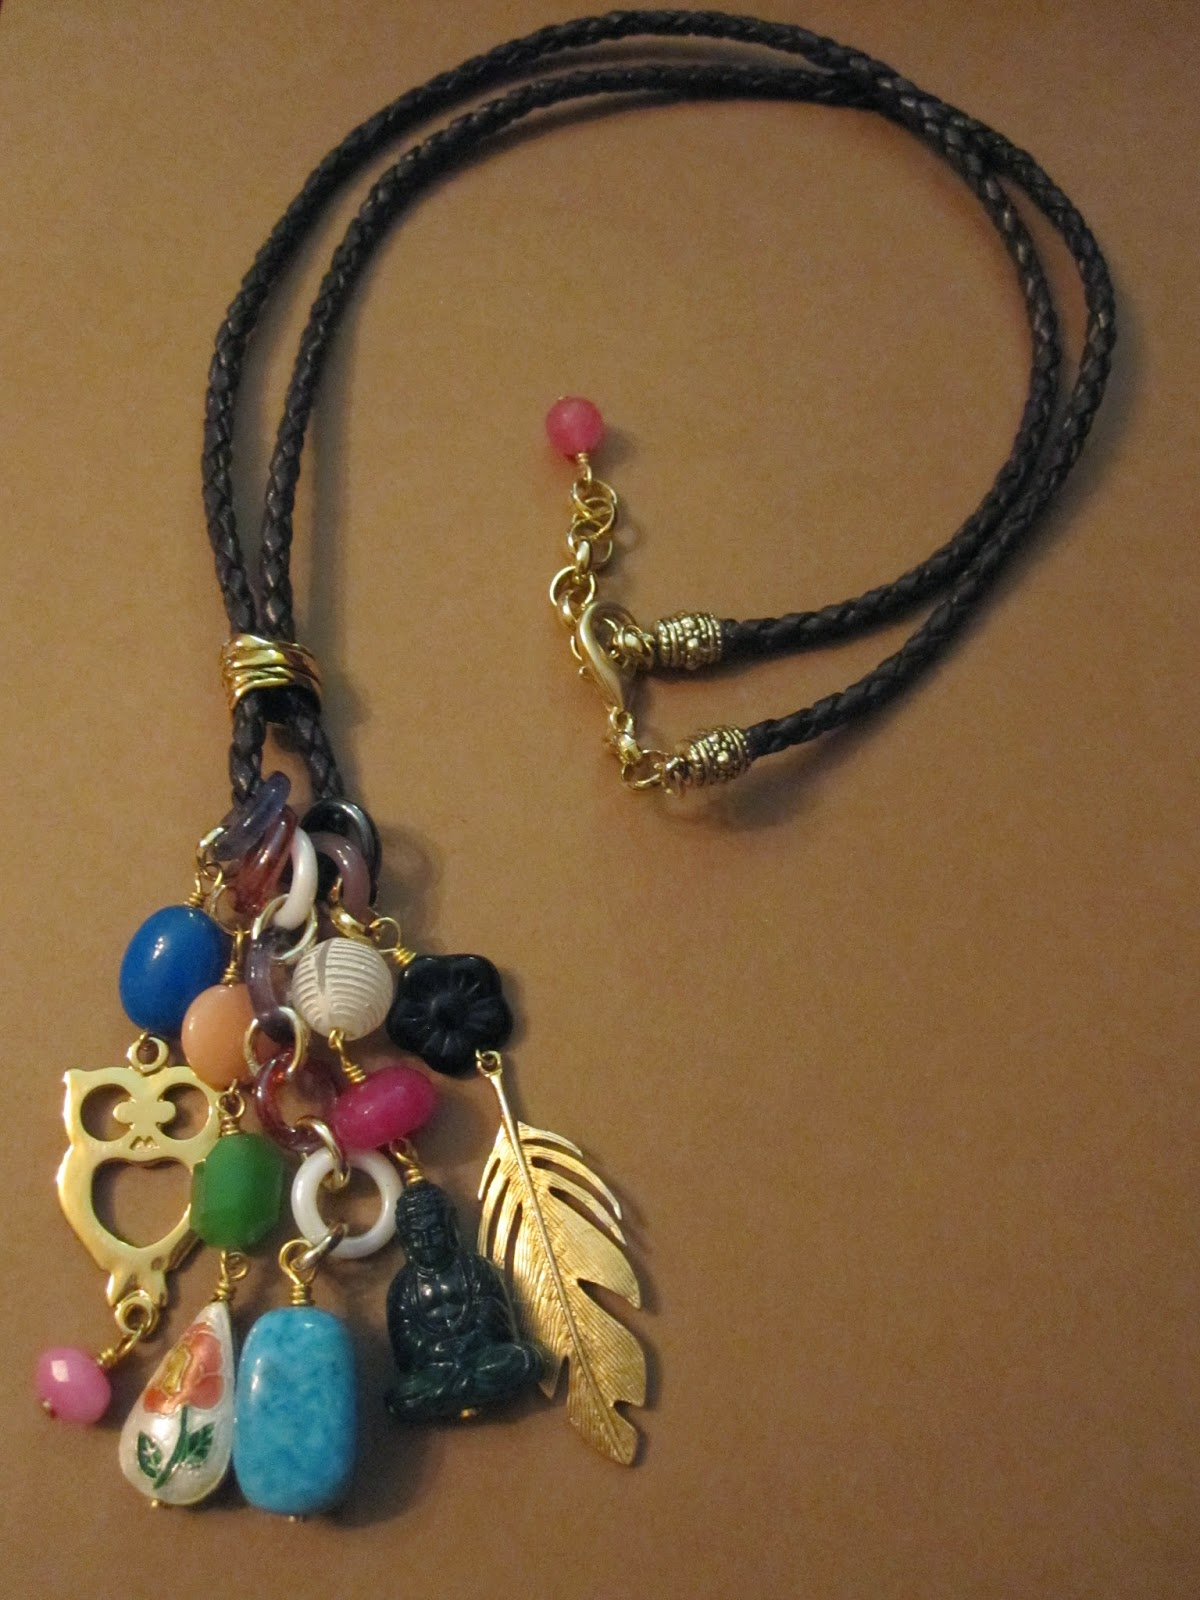 Collar largo en dorado con cordón de cuero trenzado en marrón oscuro, entrepieza, cierre y cadena dorada y diversos charms coloridos de metal,